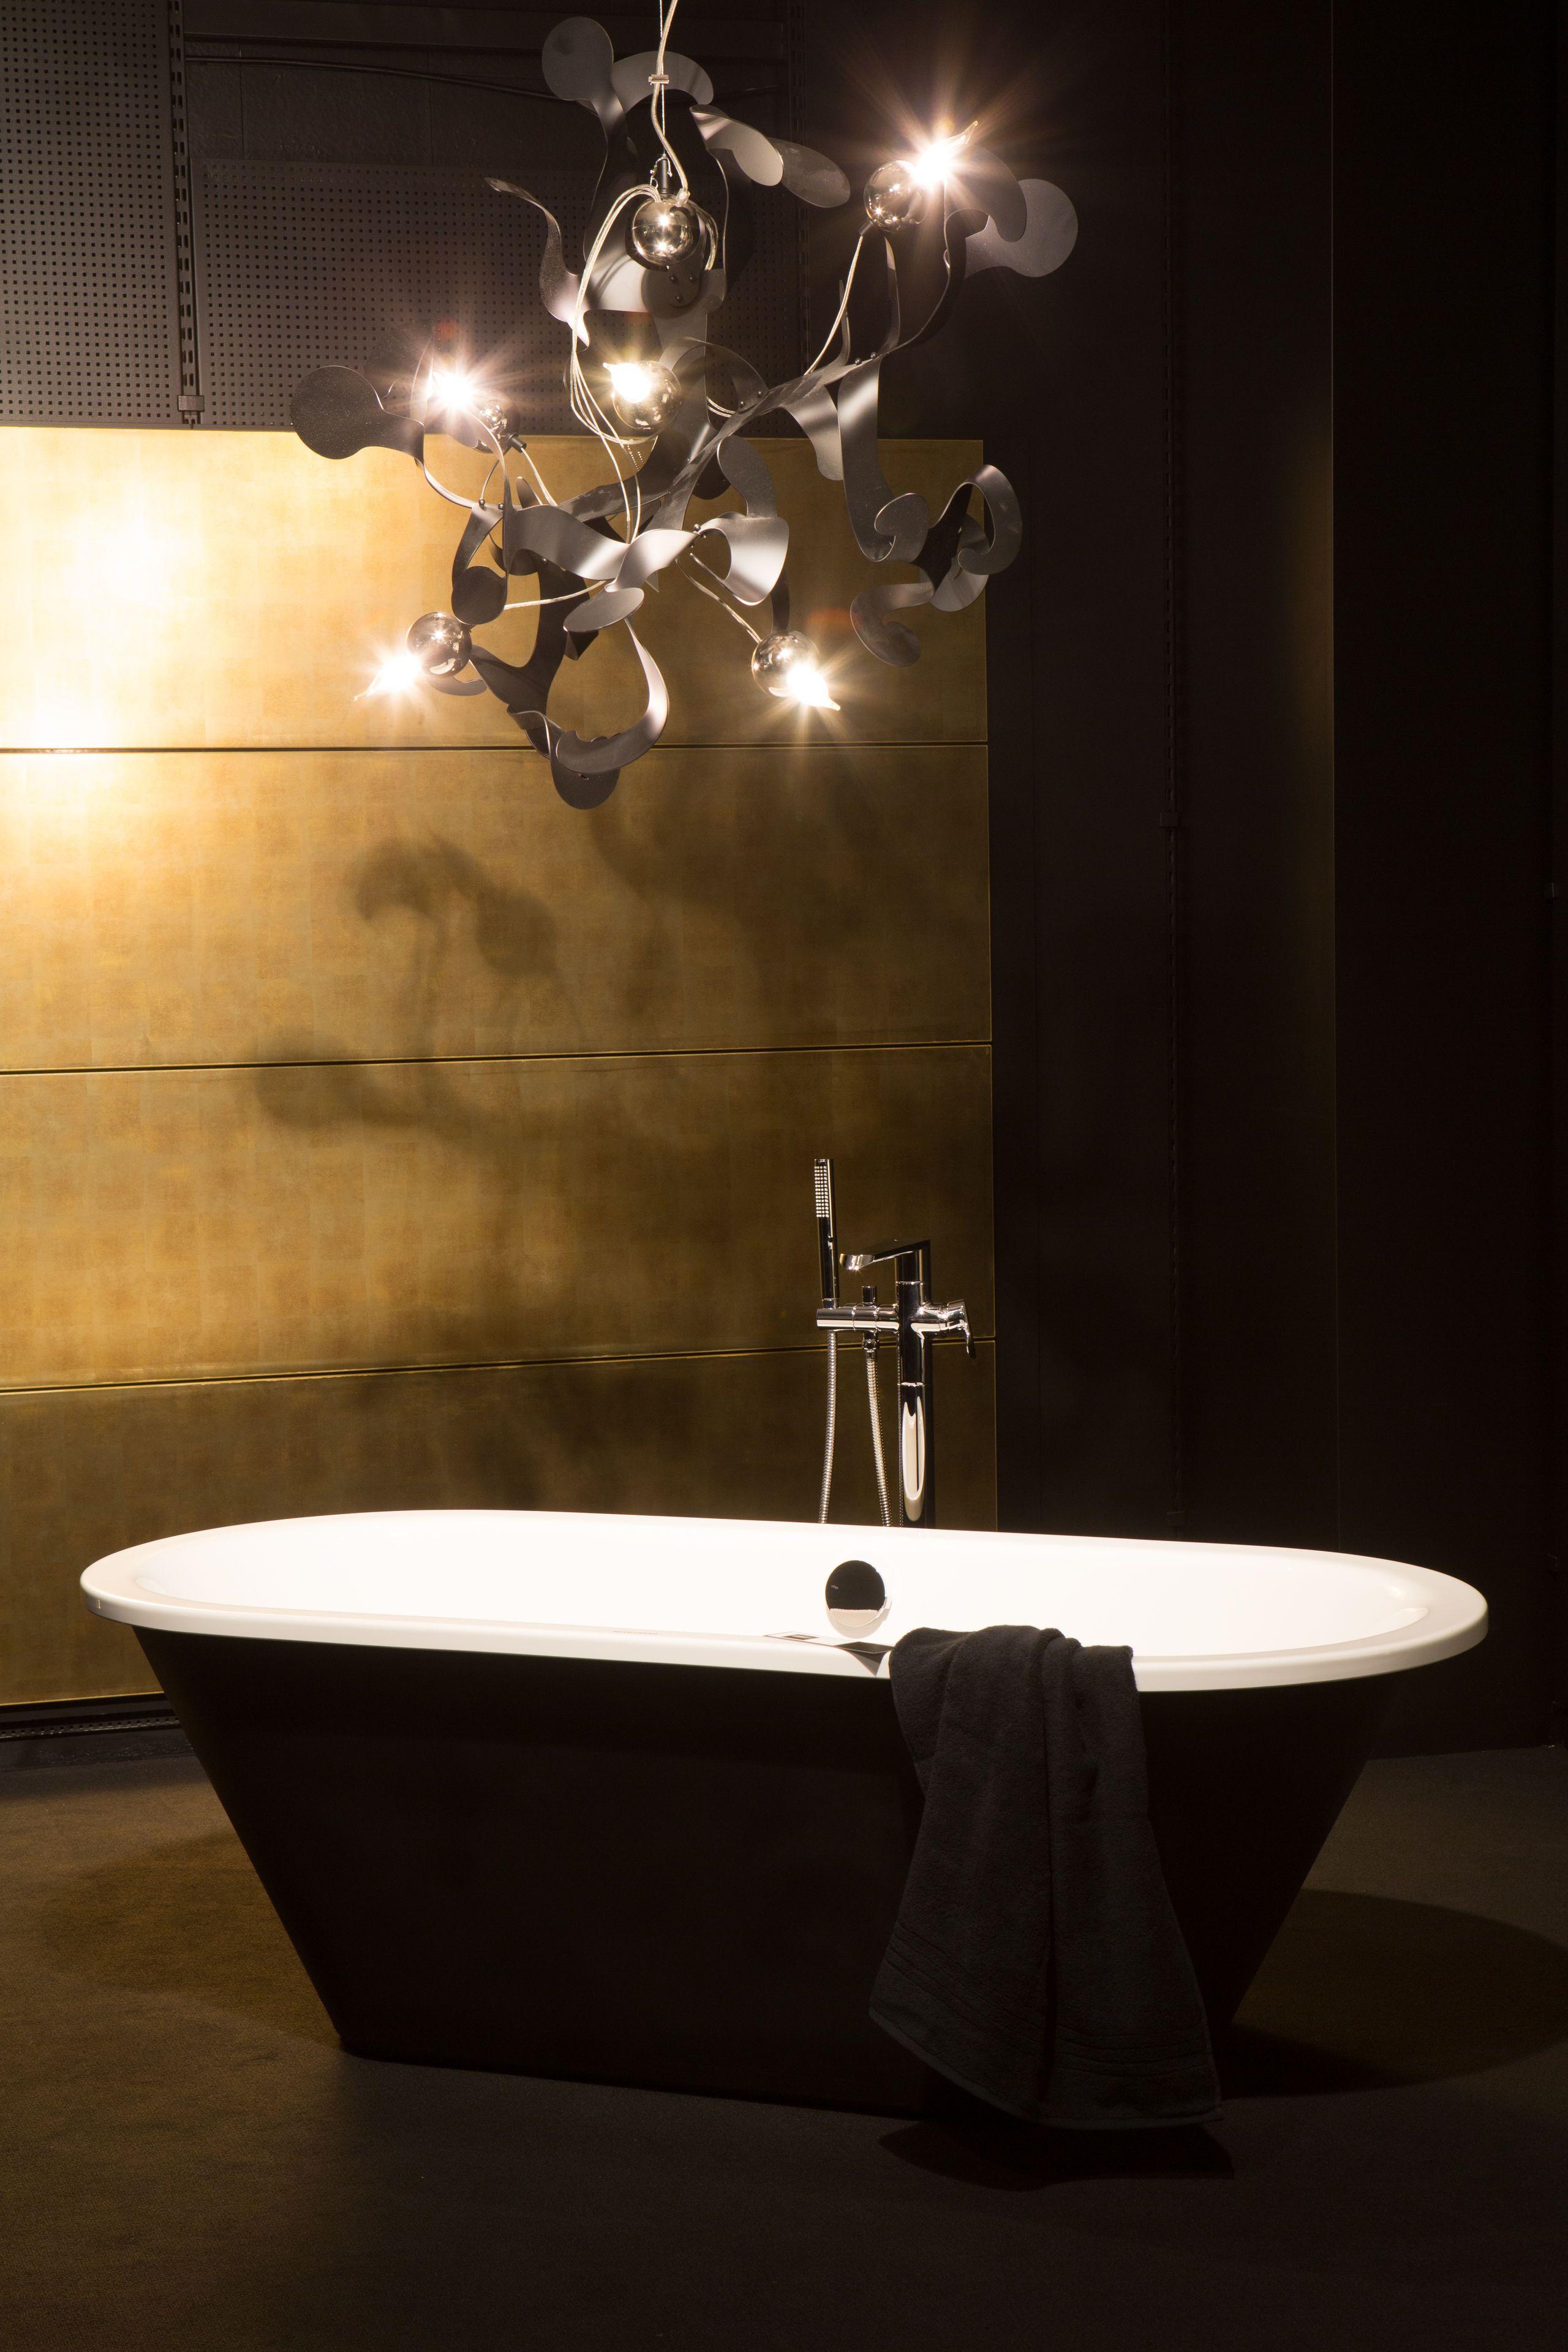 Edle Badezimmer Elegant Schwarz Freistehende Badewanne First Living Experte Der Rieger Exclusiv Badewanne Badezimmer Einrichtung Badezimmer Farben